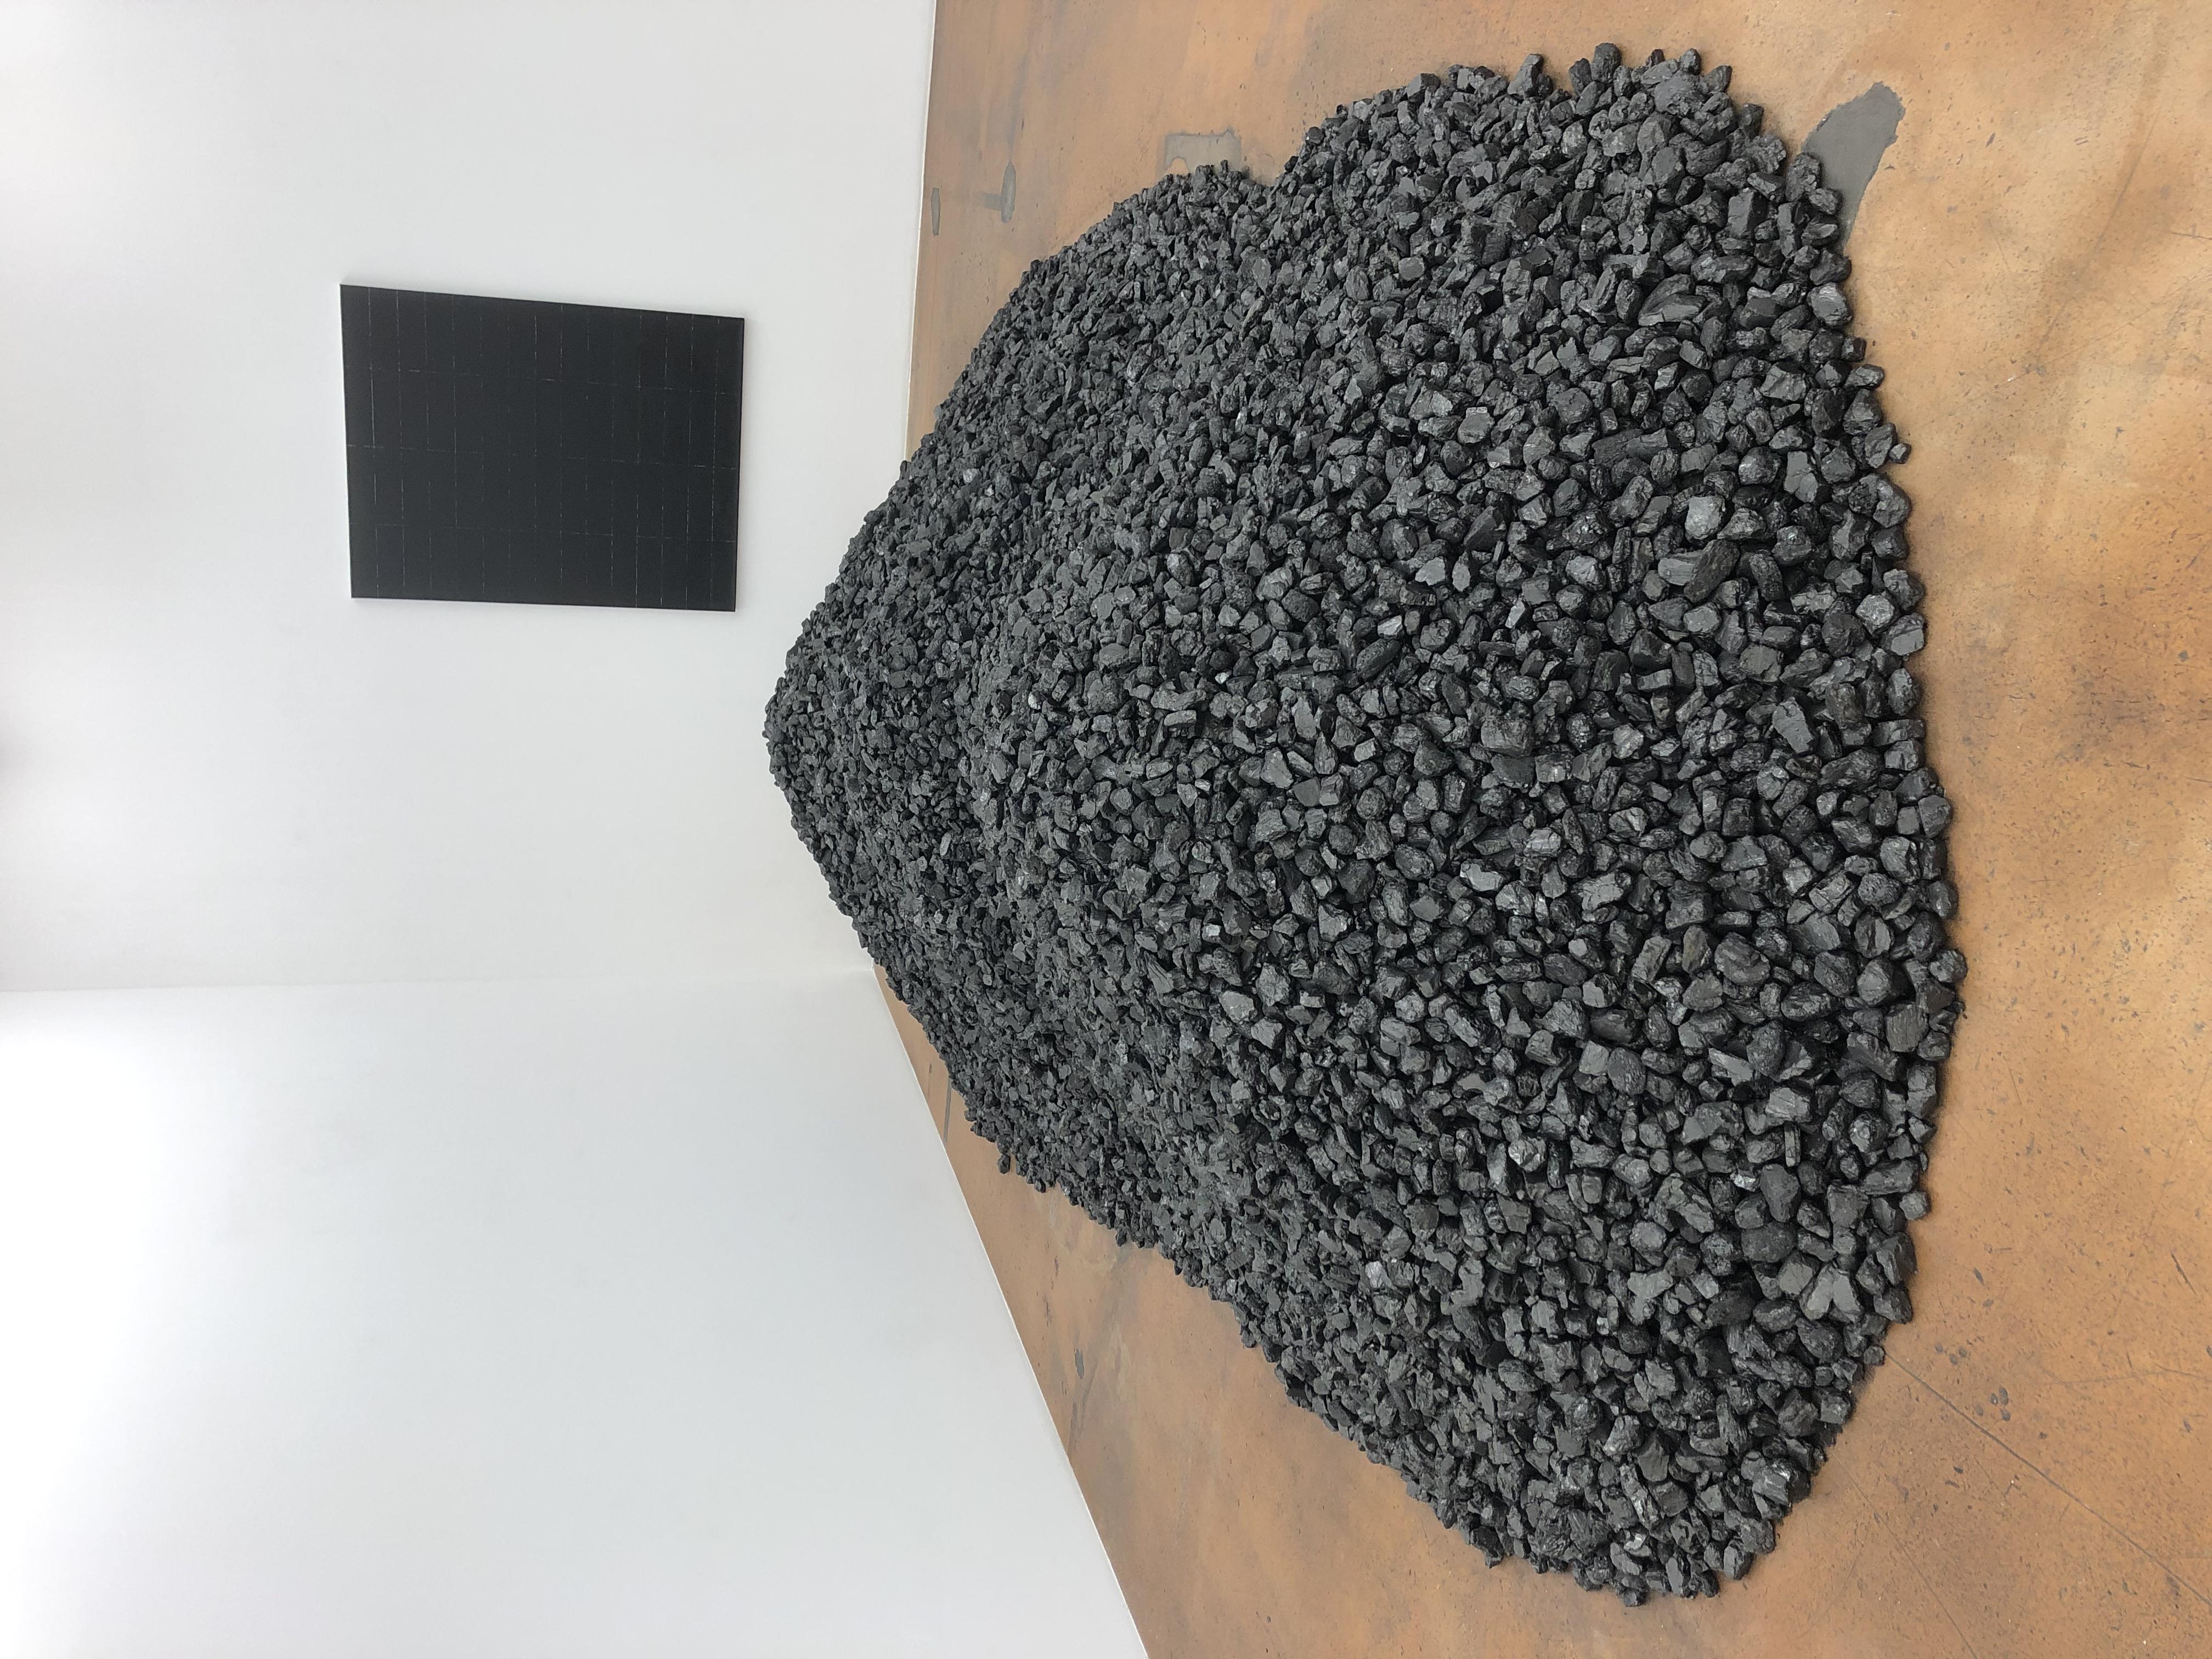 Bernar Venet: Tas de charbon nº2. Recouvrement de la surface d'un tableau. (1963)